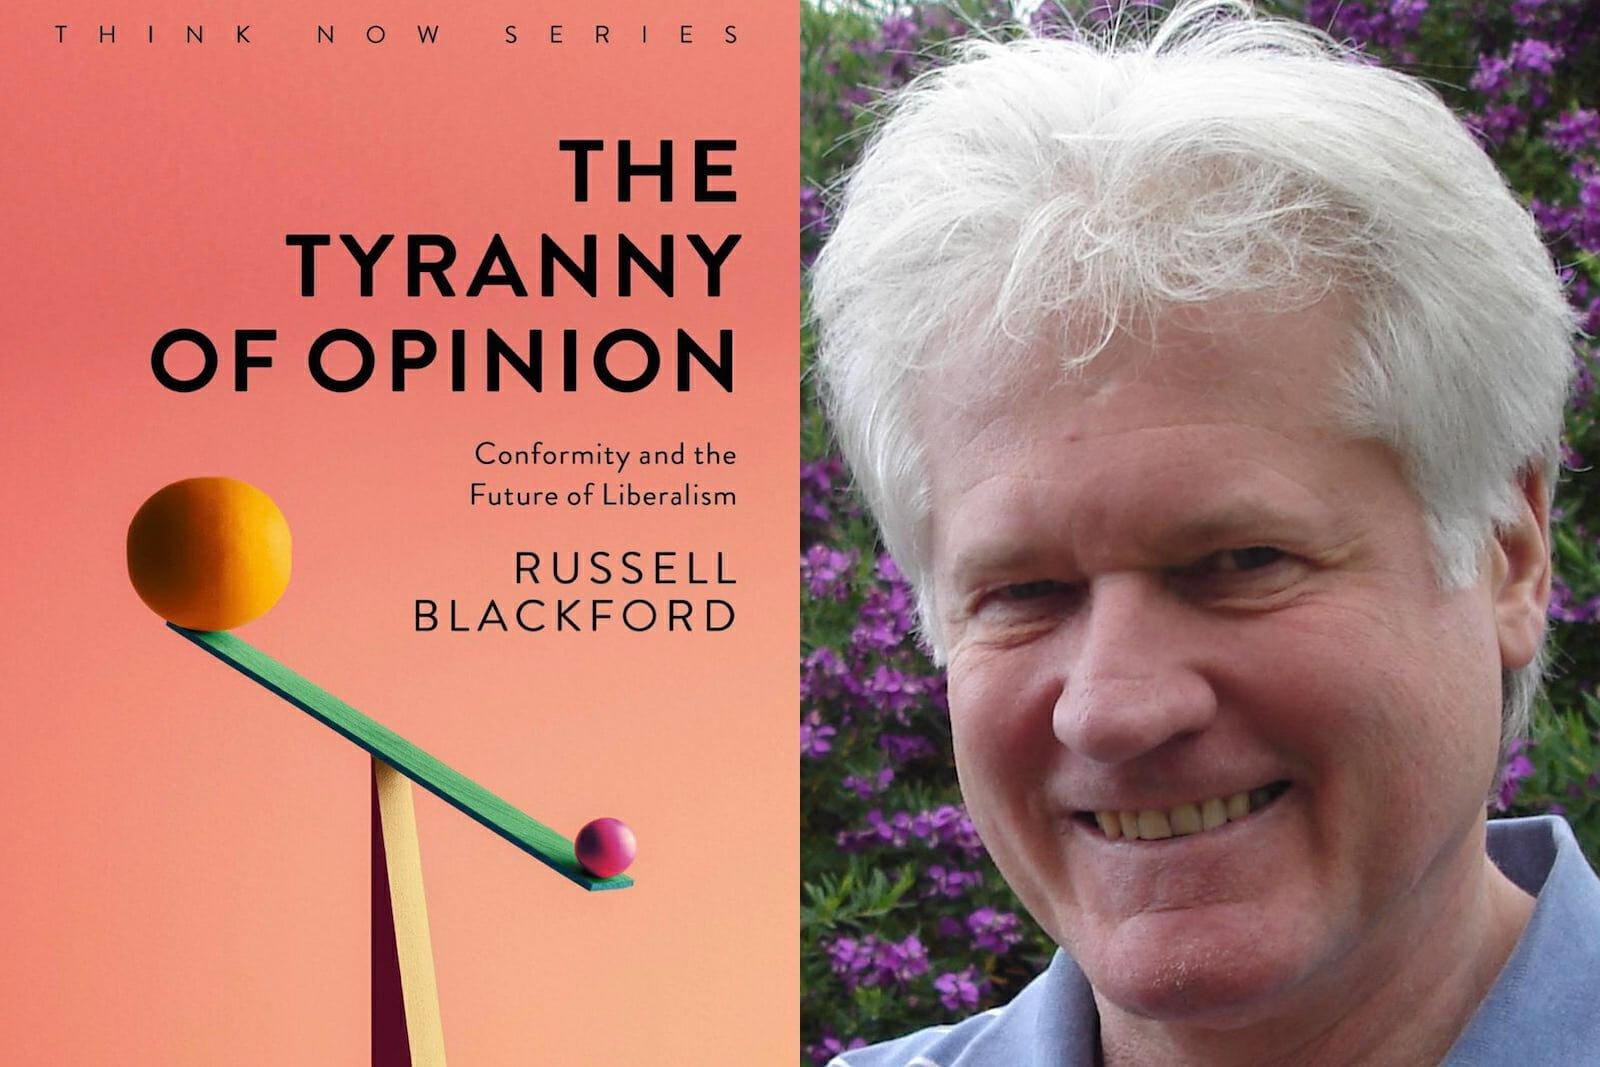 Russell Blackford